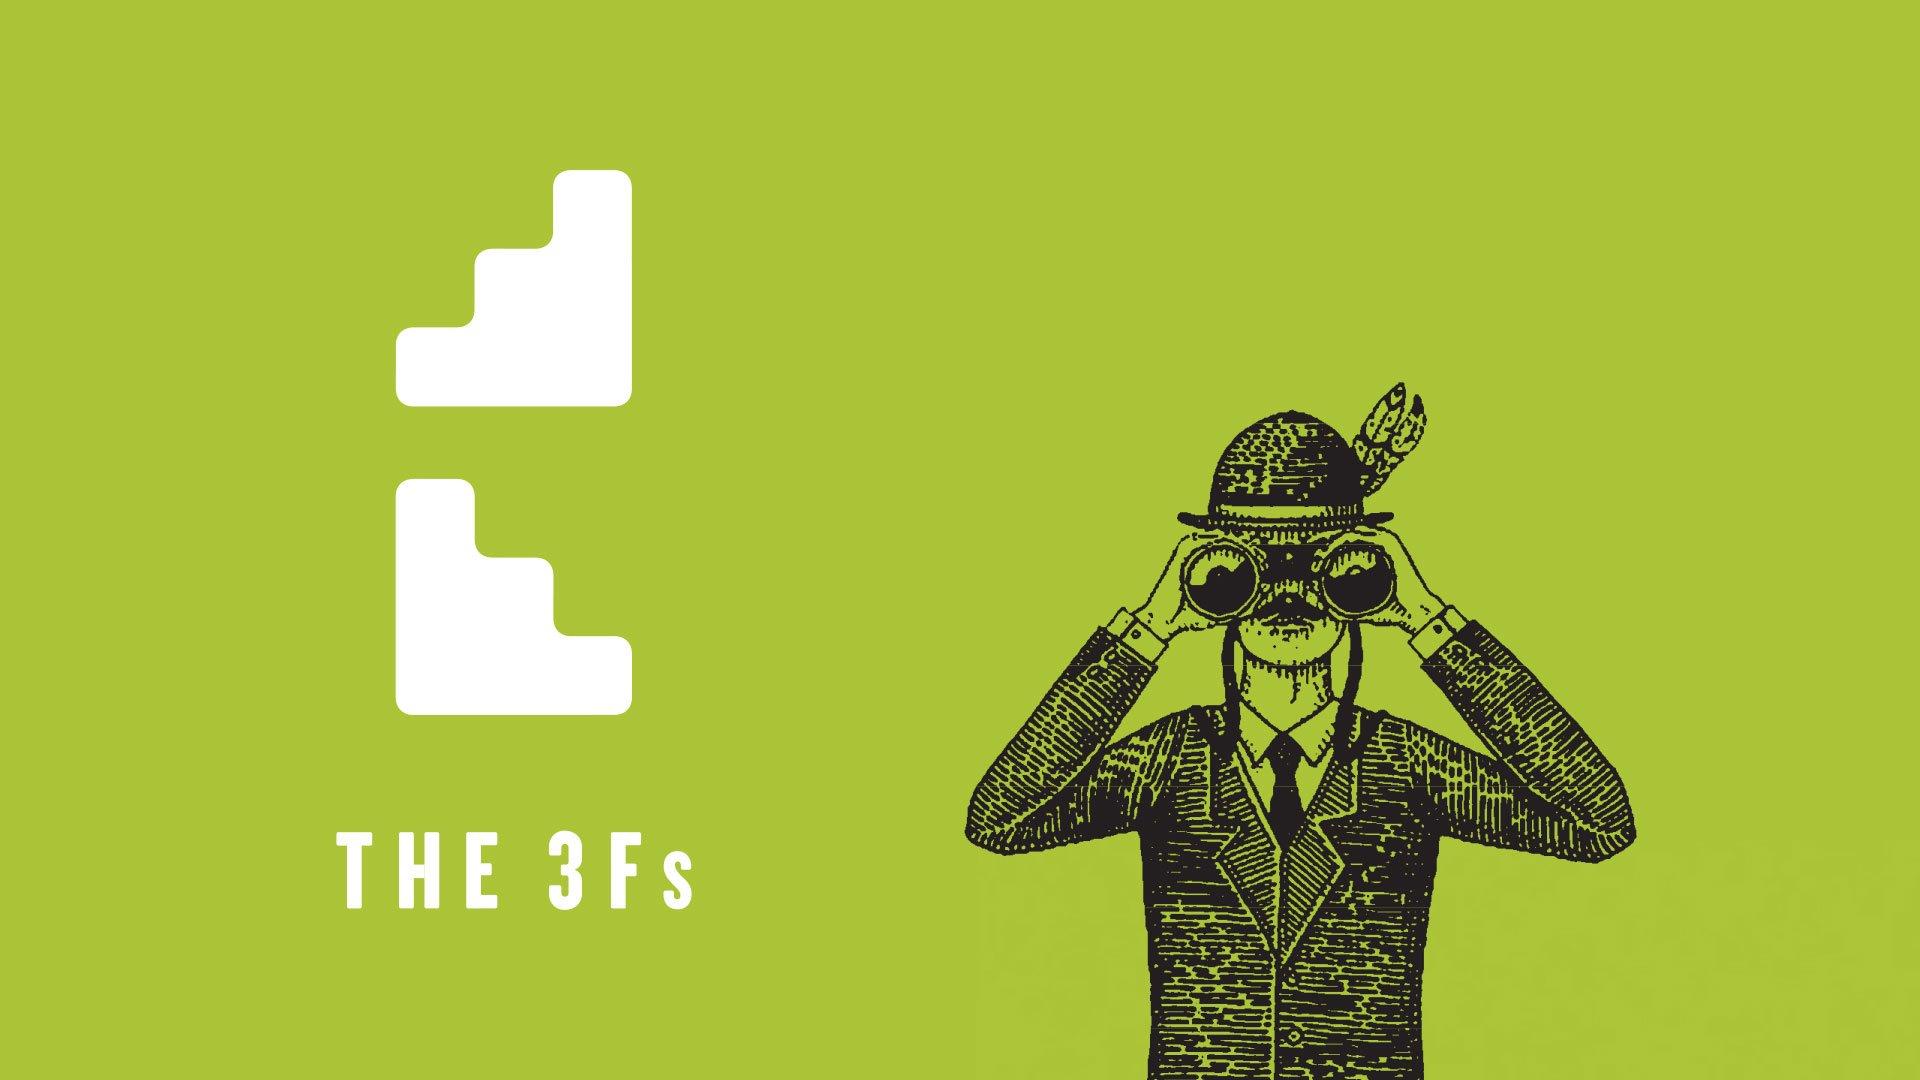 Strategic Mentors 3Fs branding